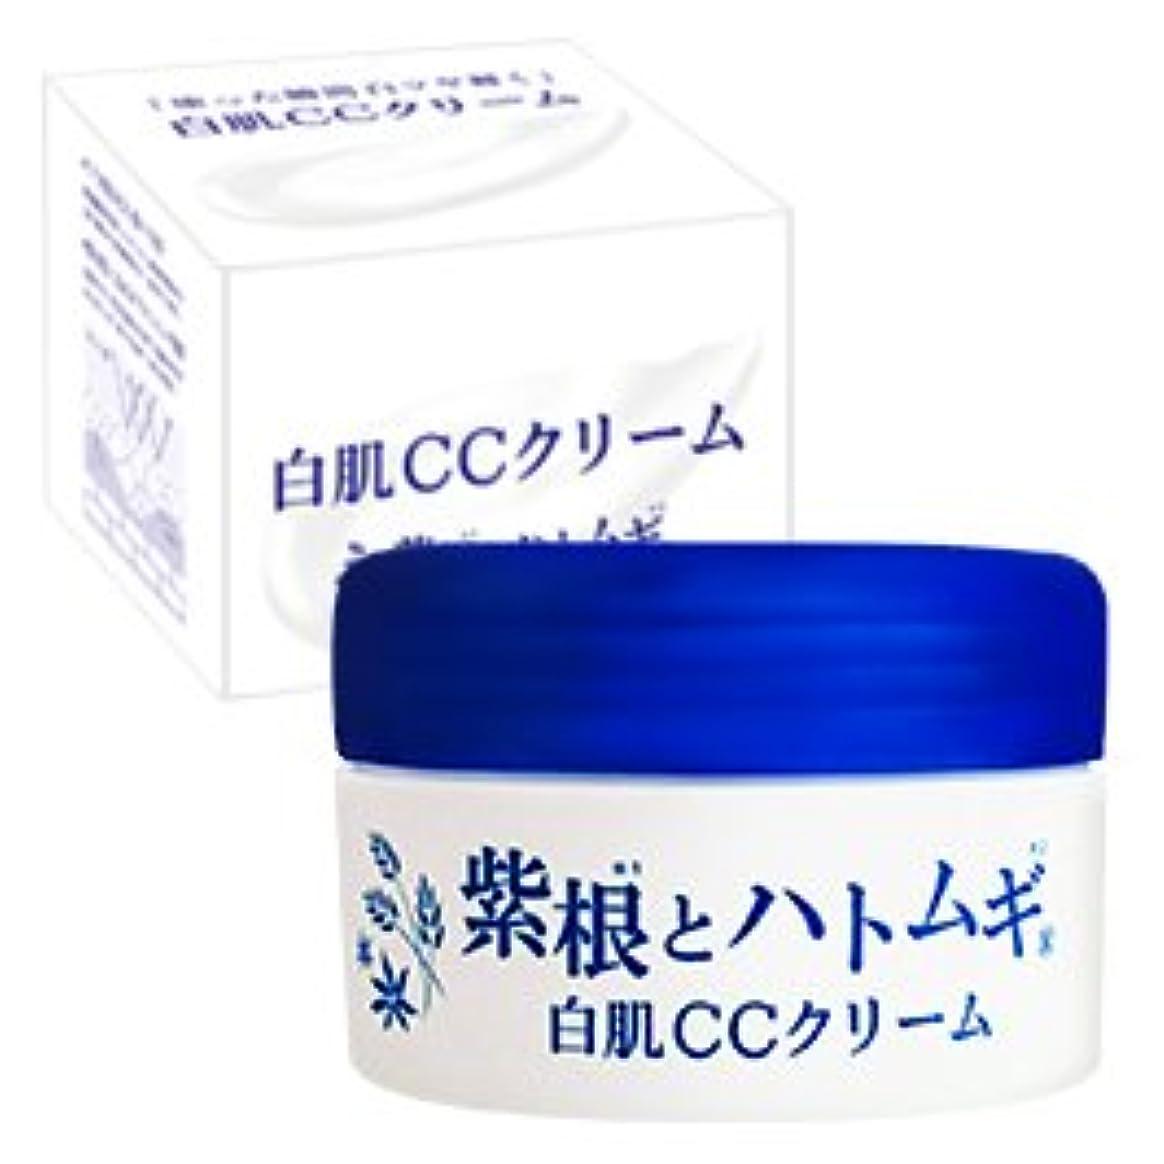 願うかまど関与する紫根とハトムギ 白肌CCクリーム 100g